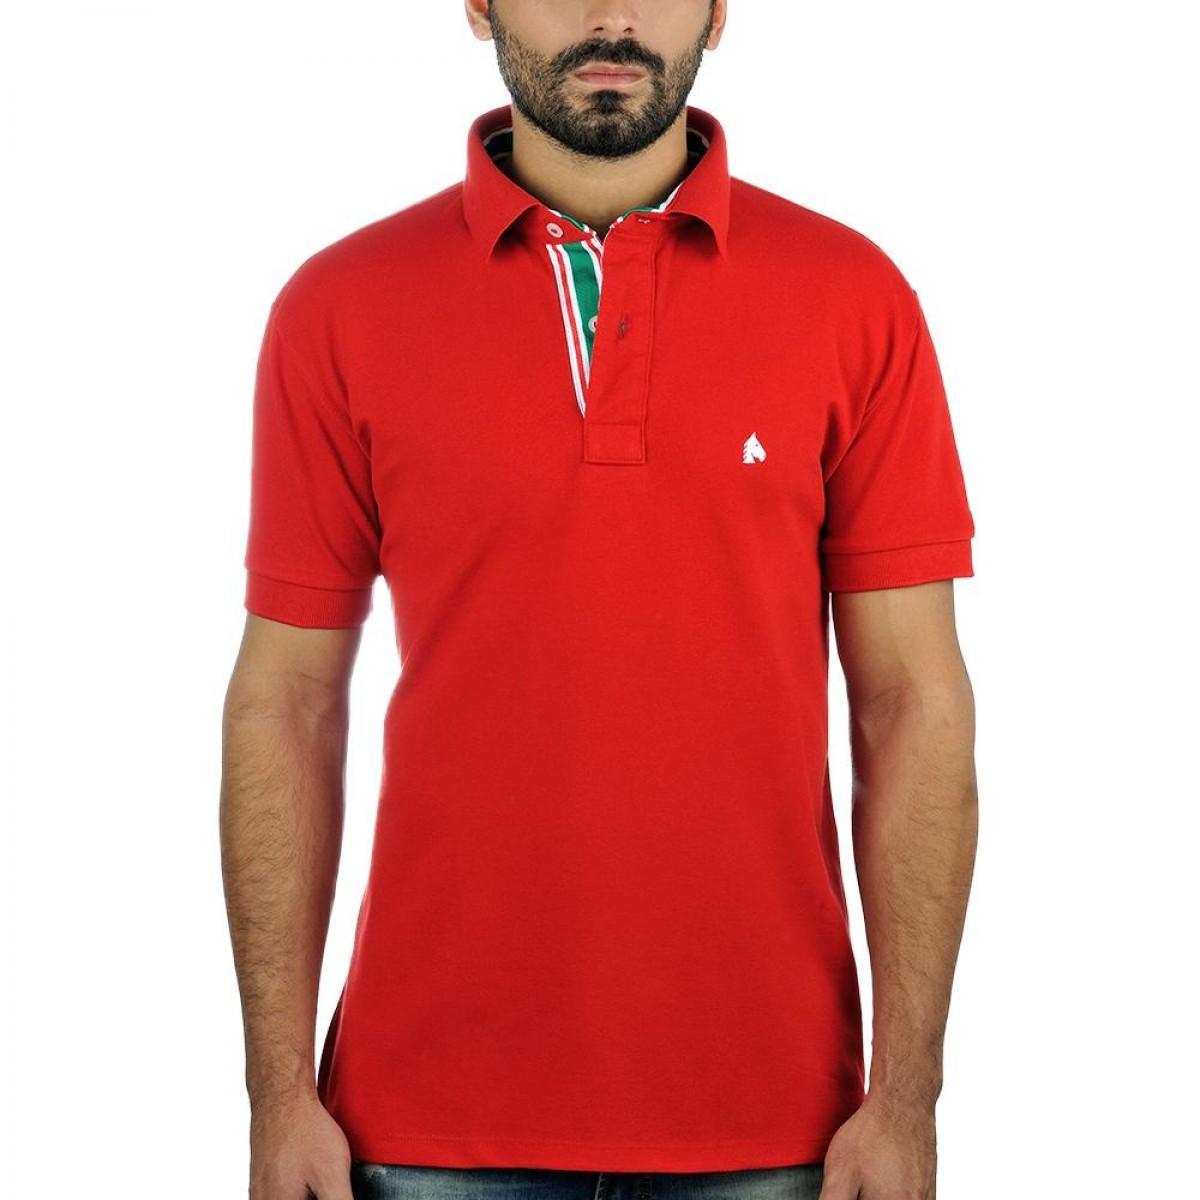 26b0890fca Pólo masculina vermelha celeiro country jpg 1200x1200 Camiseta polo country